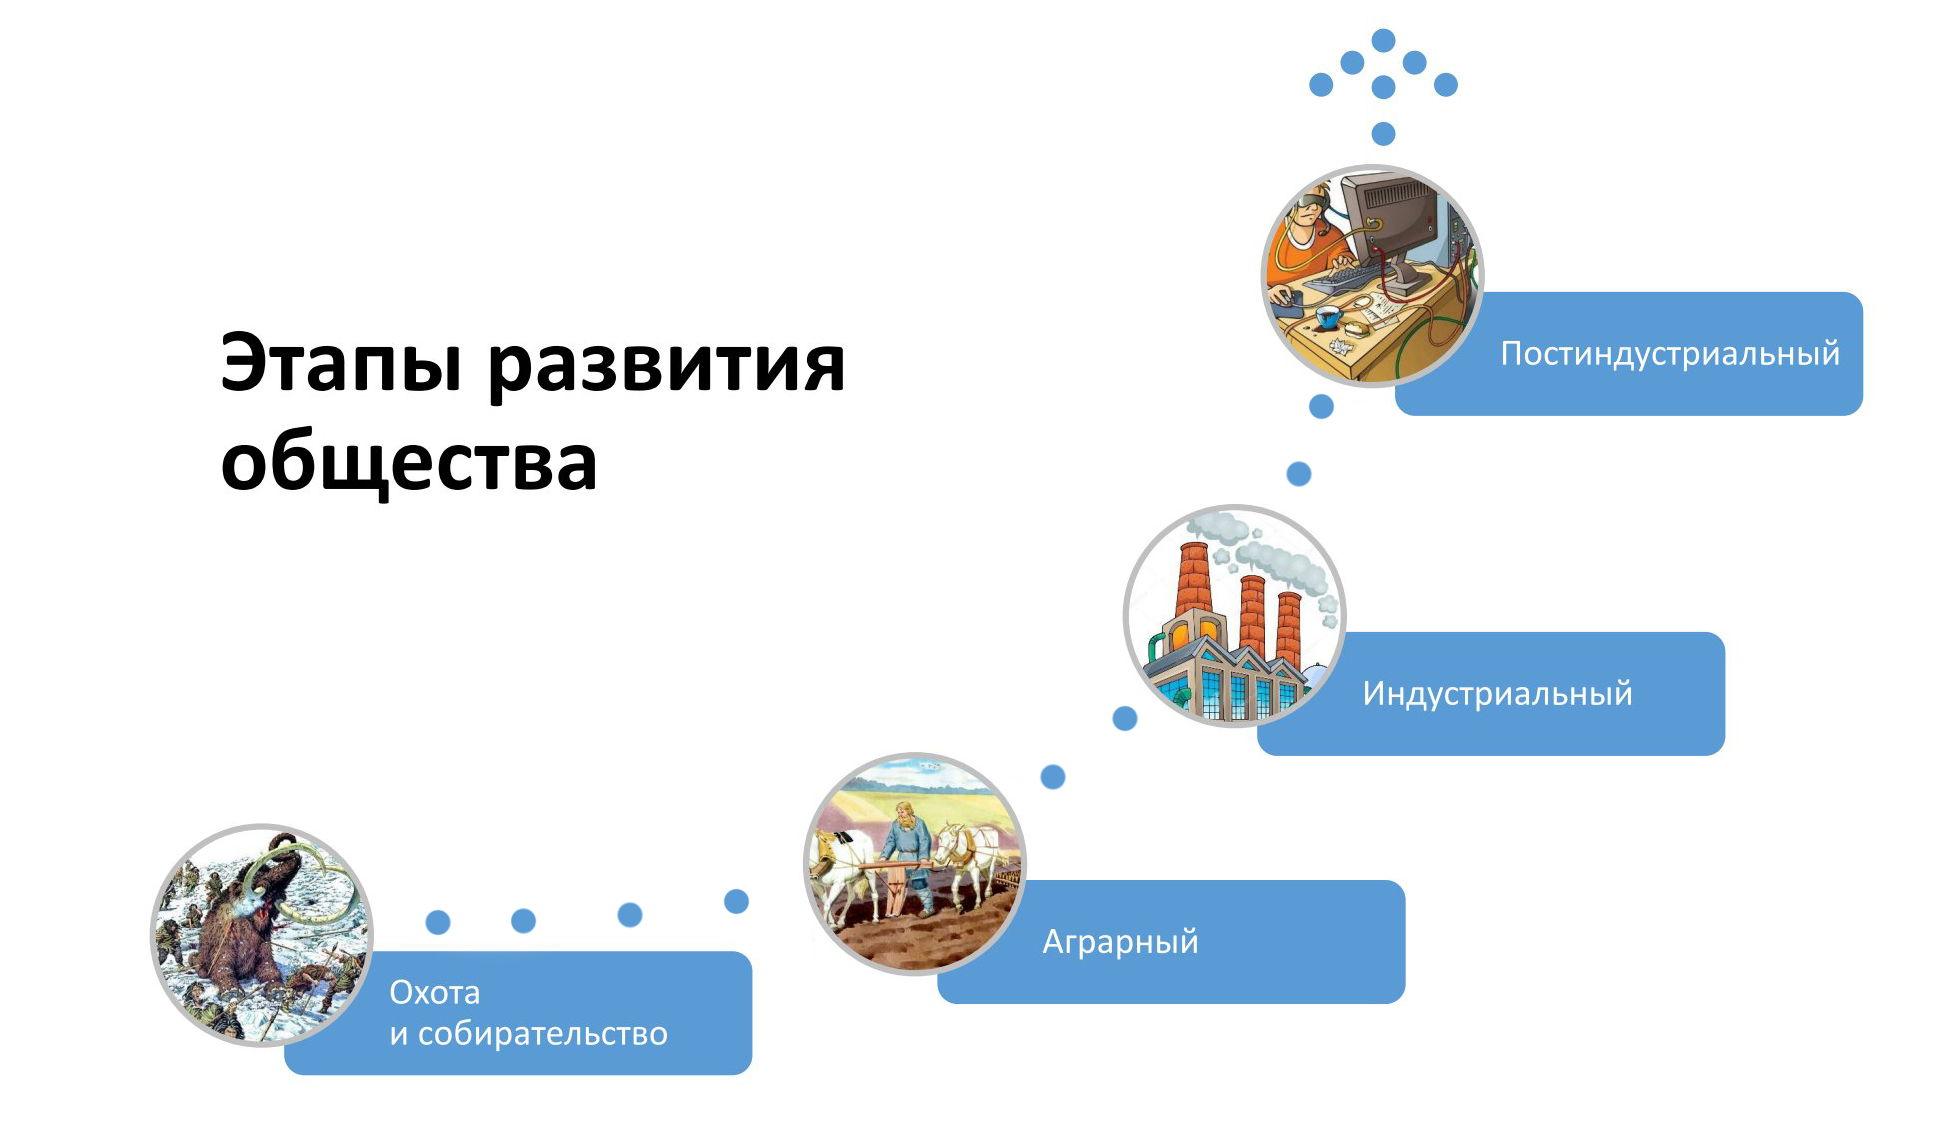 Этапы развития общества